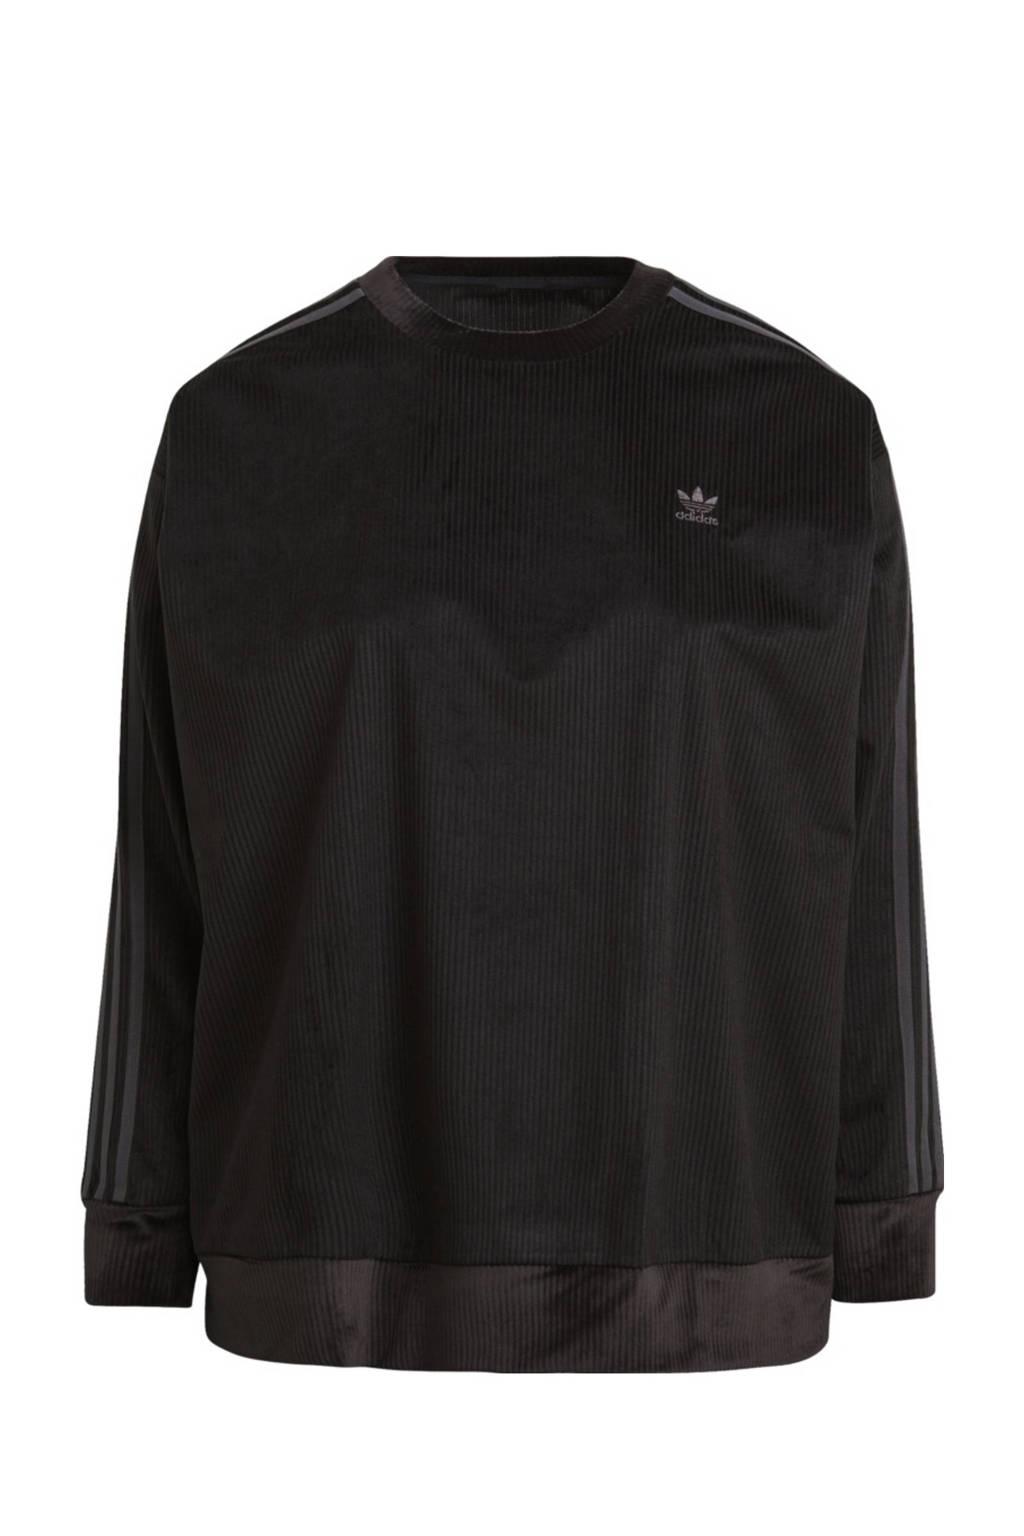 adidas Originals Plus Size Corduroy sweater zwart, Zwart